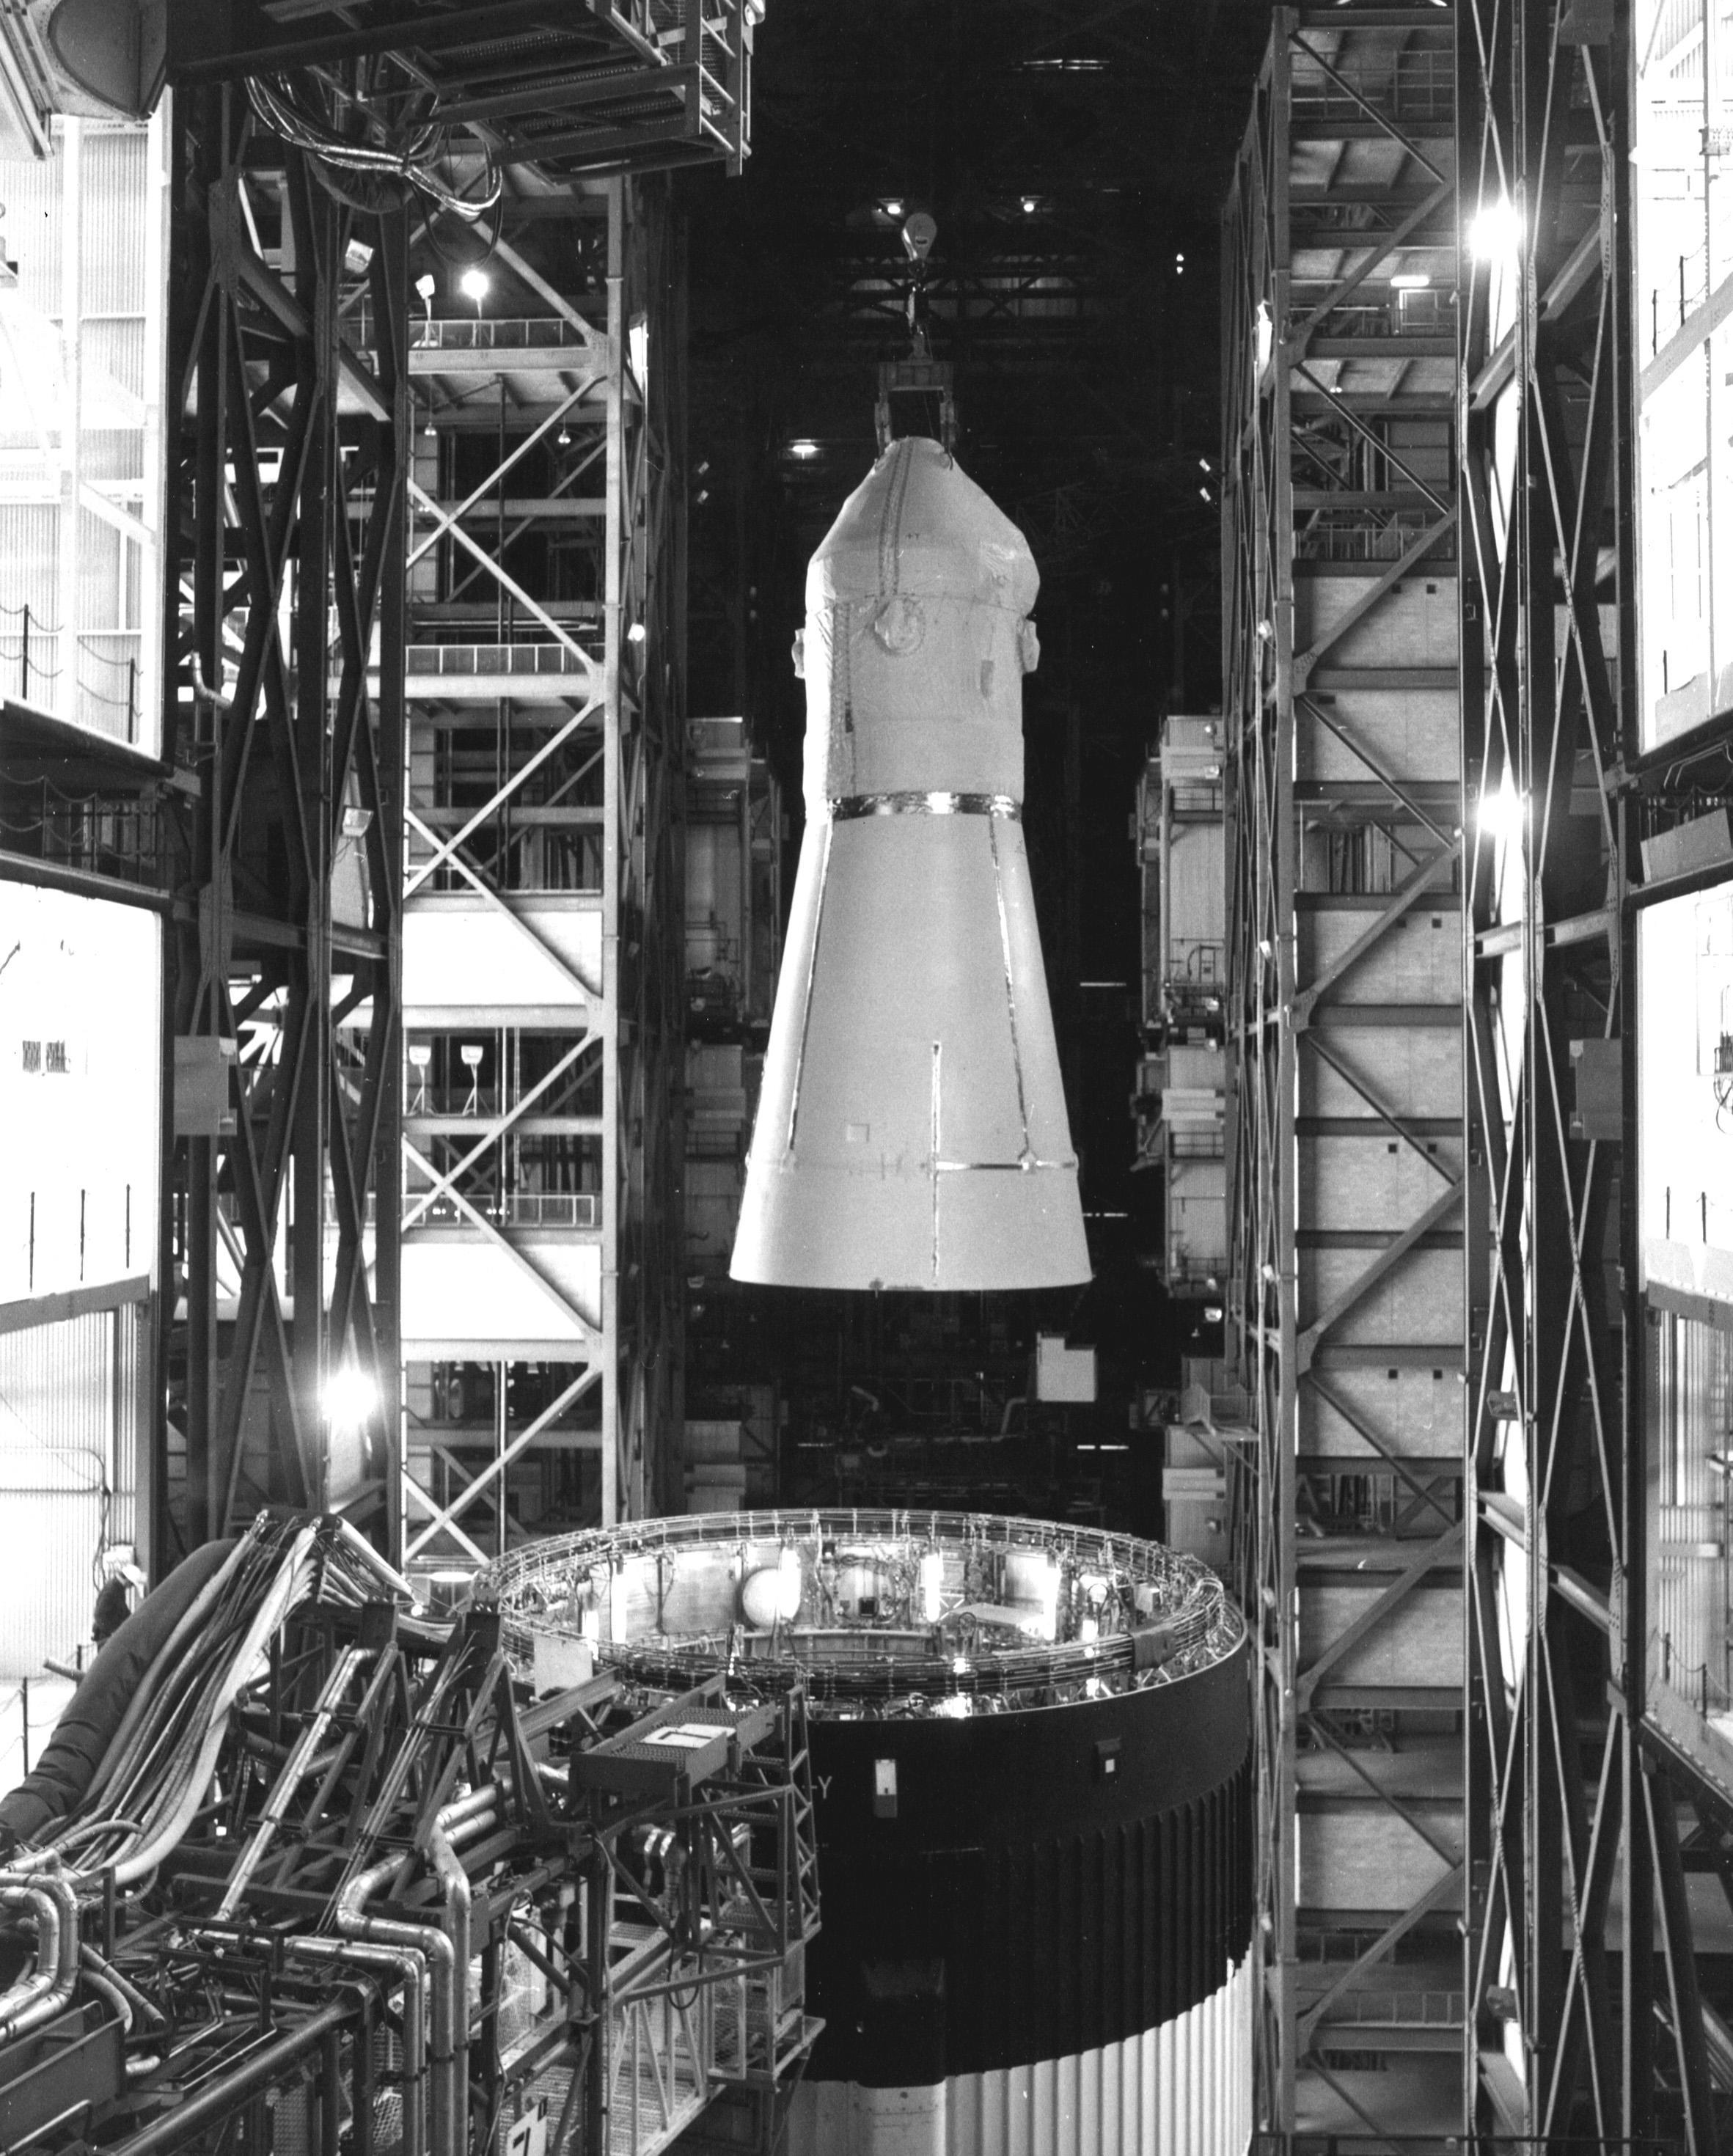 Командный Модуль Скайлэба-спасателя снимается с РН Сатурн-1Б после успешного приземления Скайлэб-4